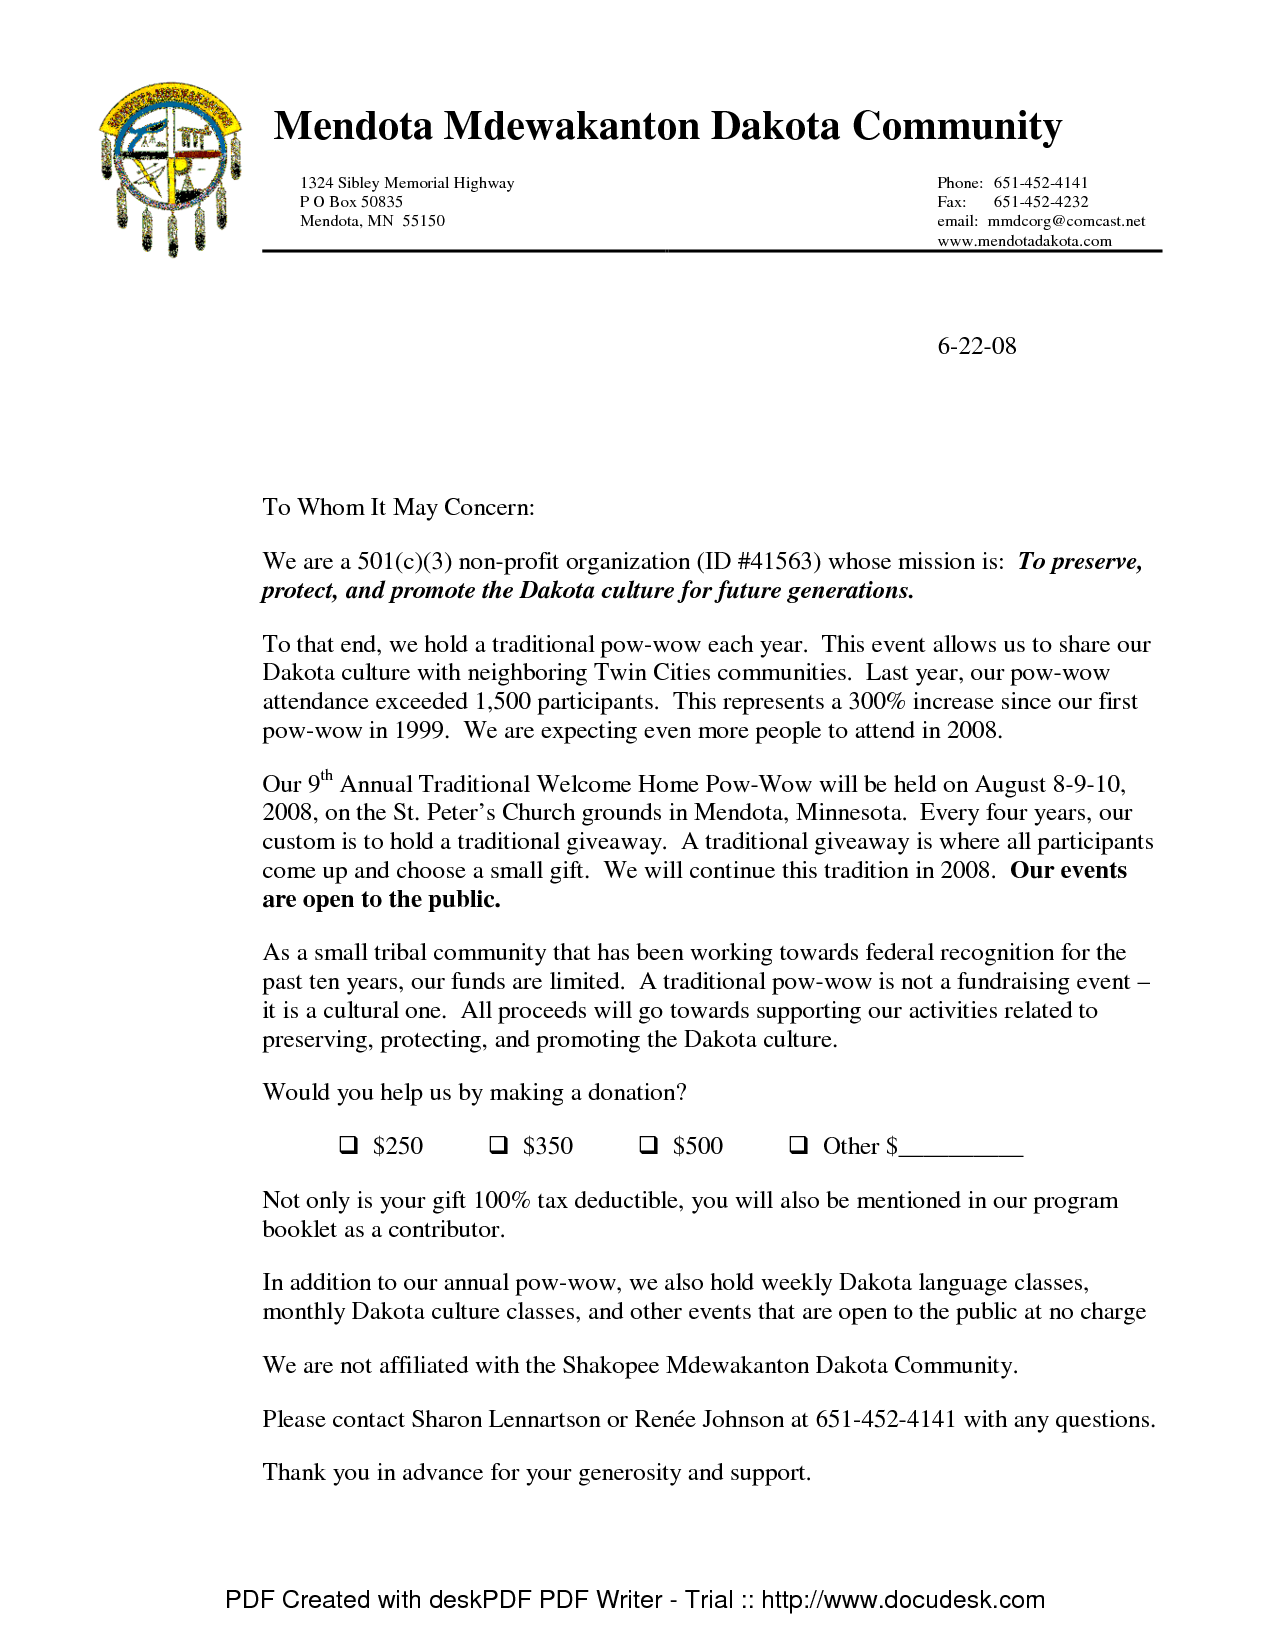 NonProfit Donation Request Letter Template Donation